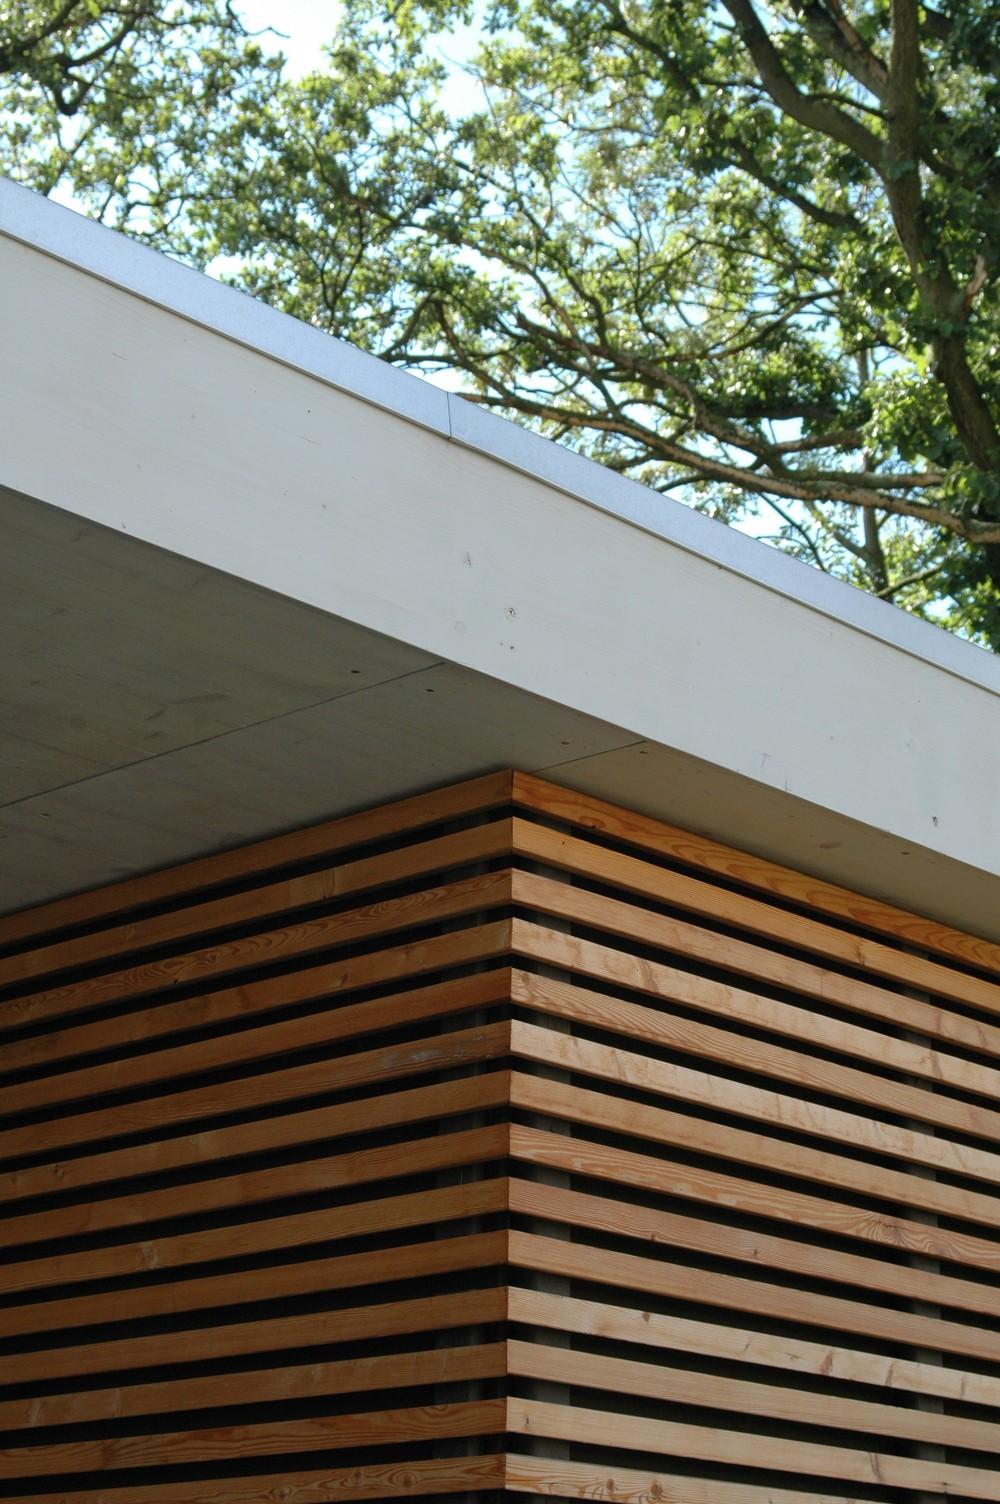 wohnhaus k 1 heilbad heiligenstadt architekturf hrer th ringen. Black Bedroom Furniture Sets. Home Design Ideas